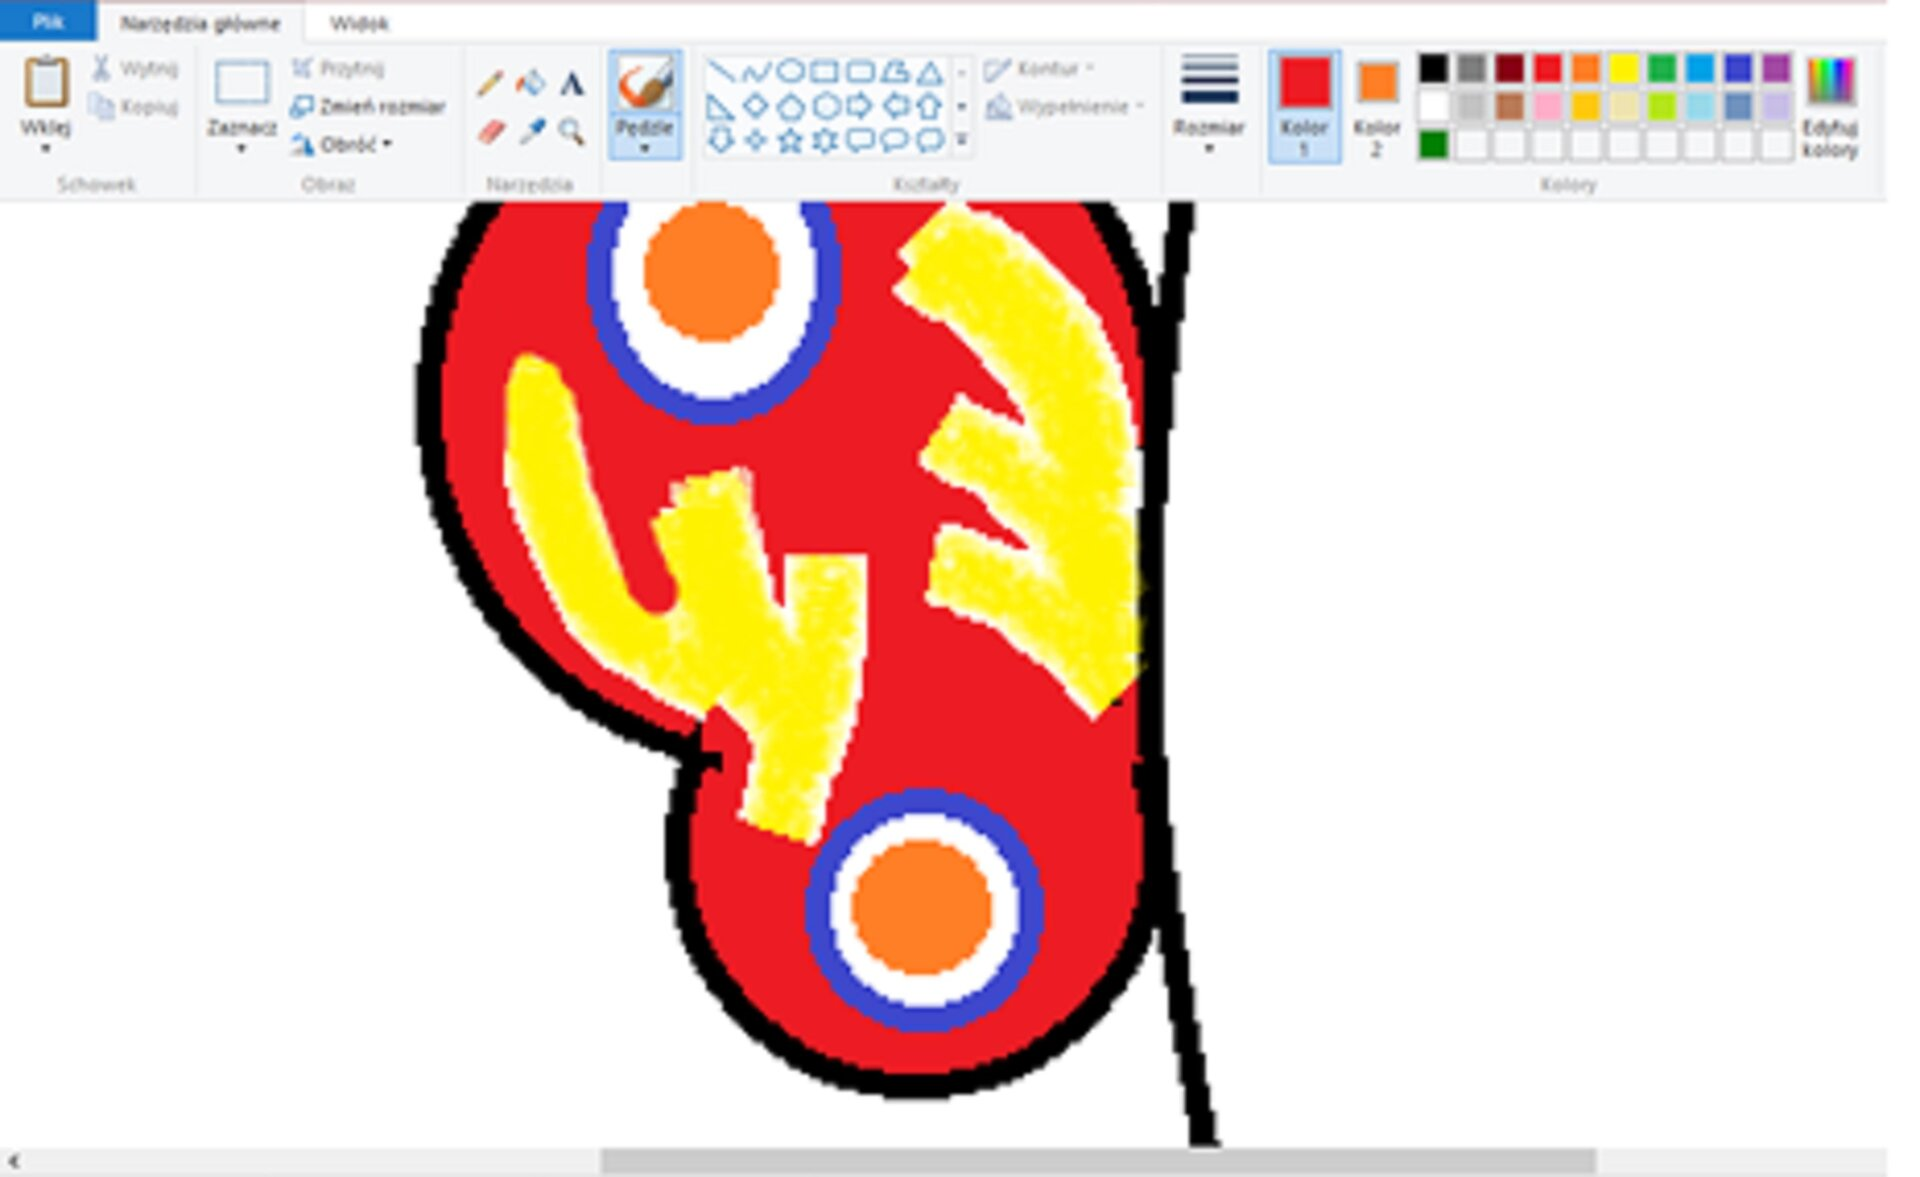 Zrzut okna programu Paint zilustracją powiększonego fragmentu motyla